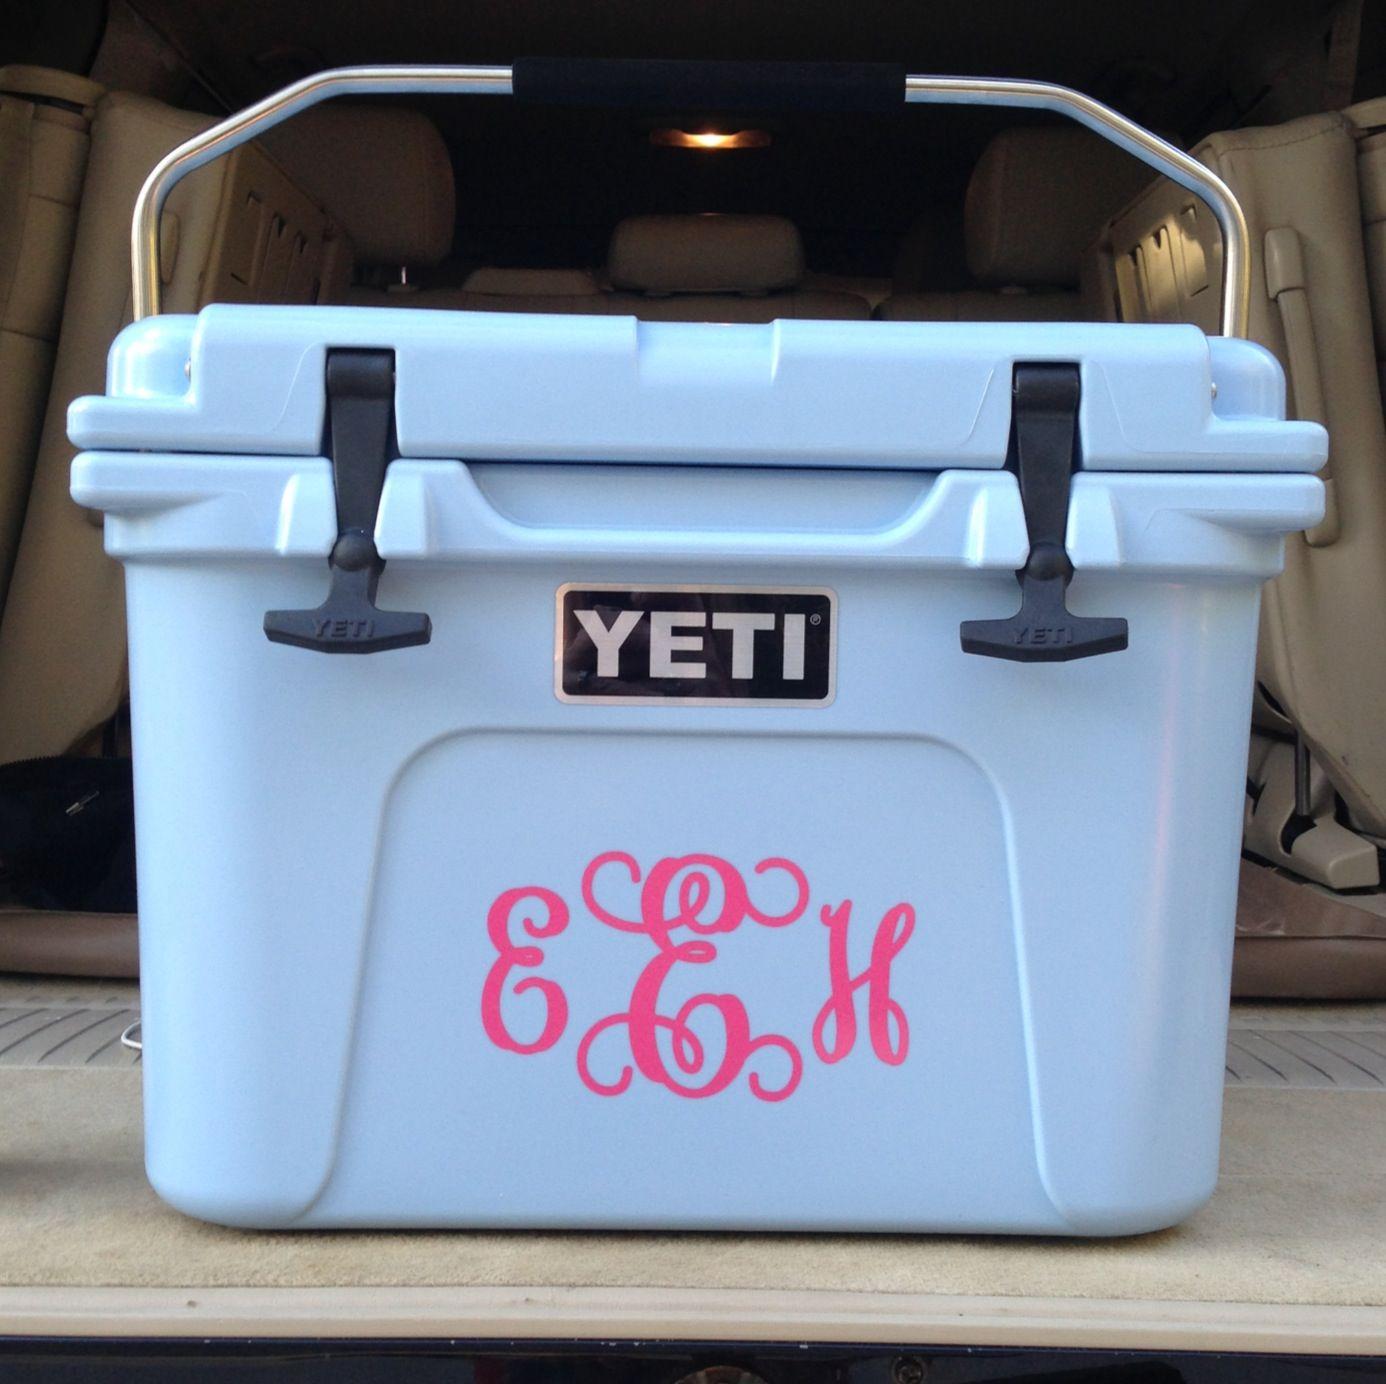 Pin By Erin Howell On Misc Blue Yeti Yeti Monogram Yeti